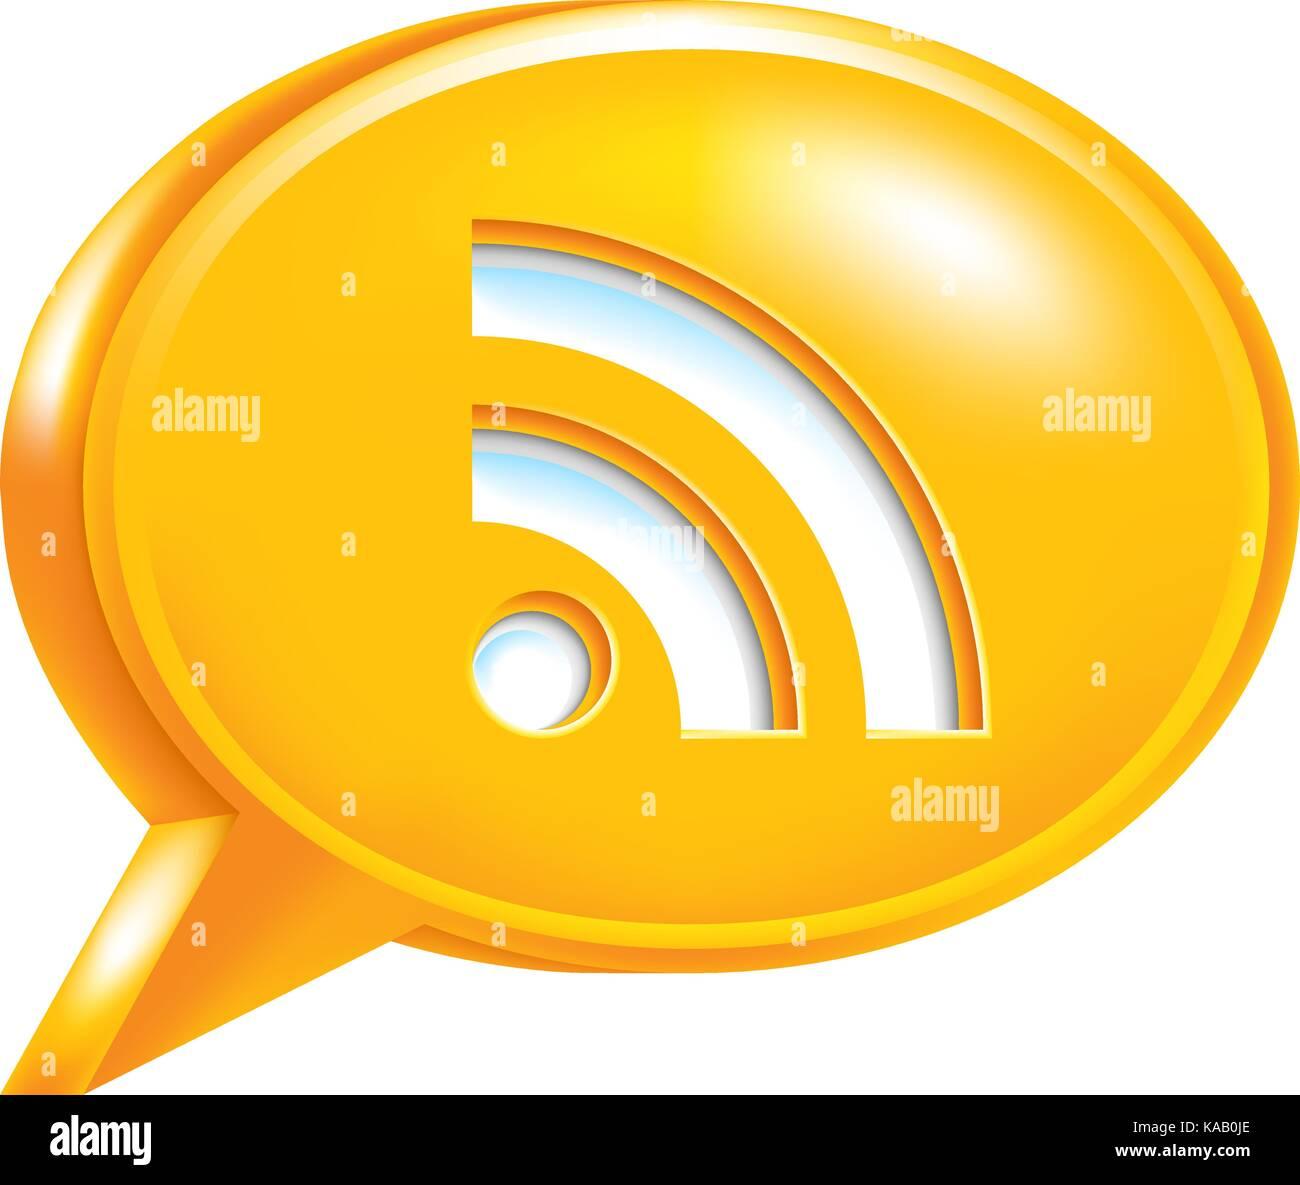 Utilizarlo en todos sus diseños. discurso de burbuja icono naranja con rss signo o señal de wi-fi. Imagen De Stock